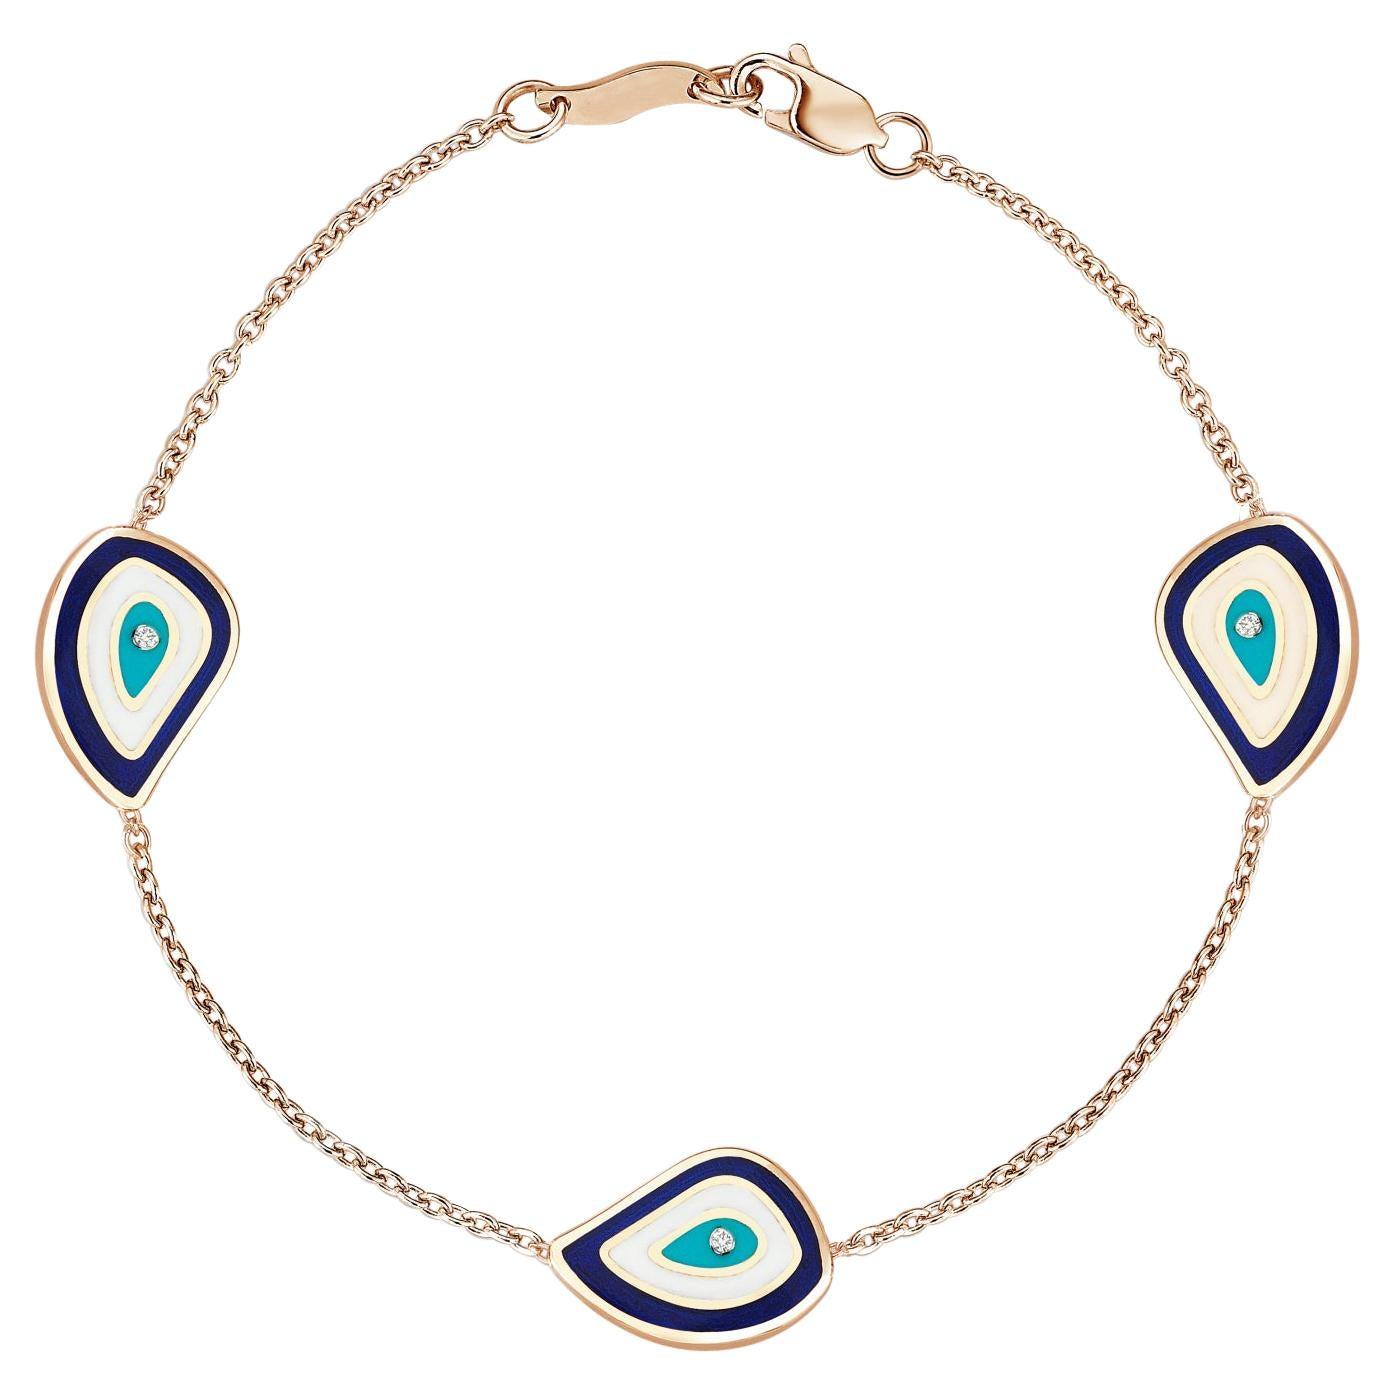 Evil Eye Tennis Bracelet 18K Gold White Diamond & Blue Turquoise White Enamel